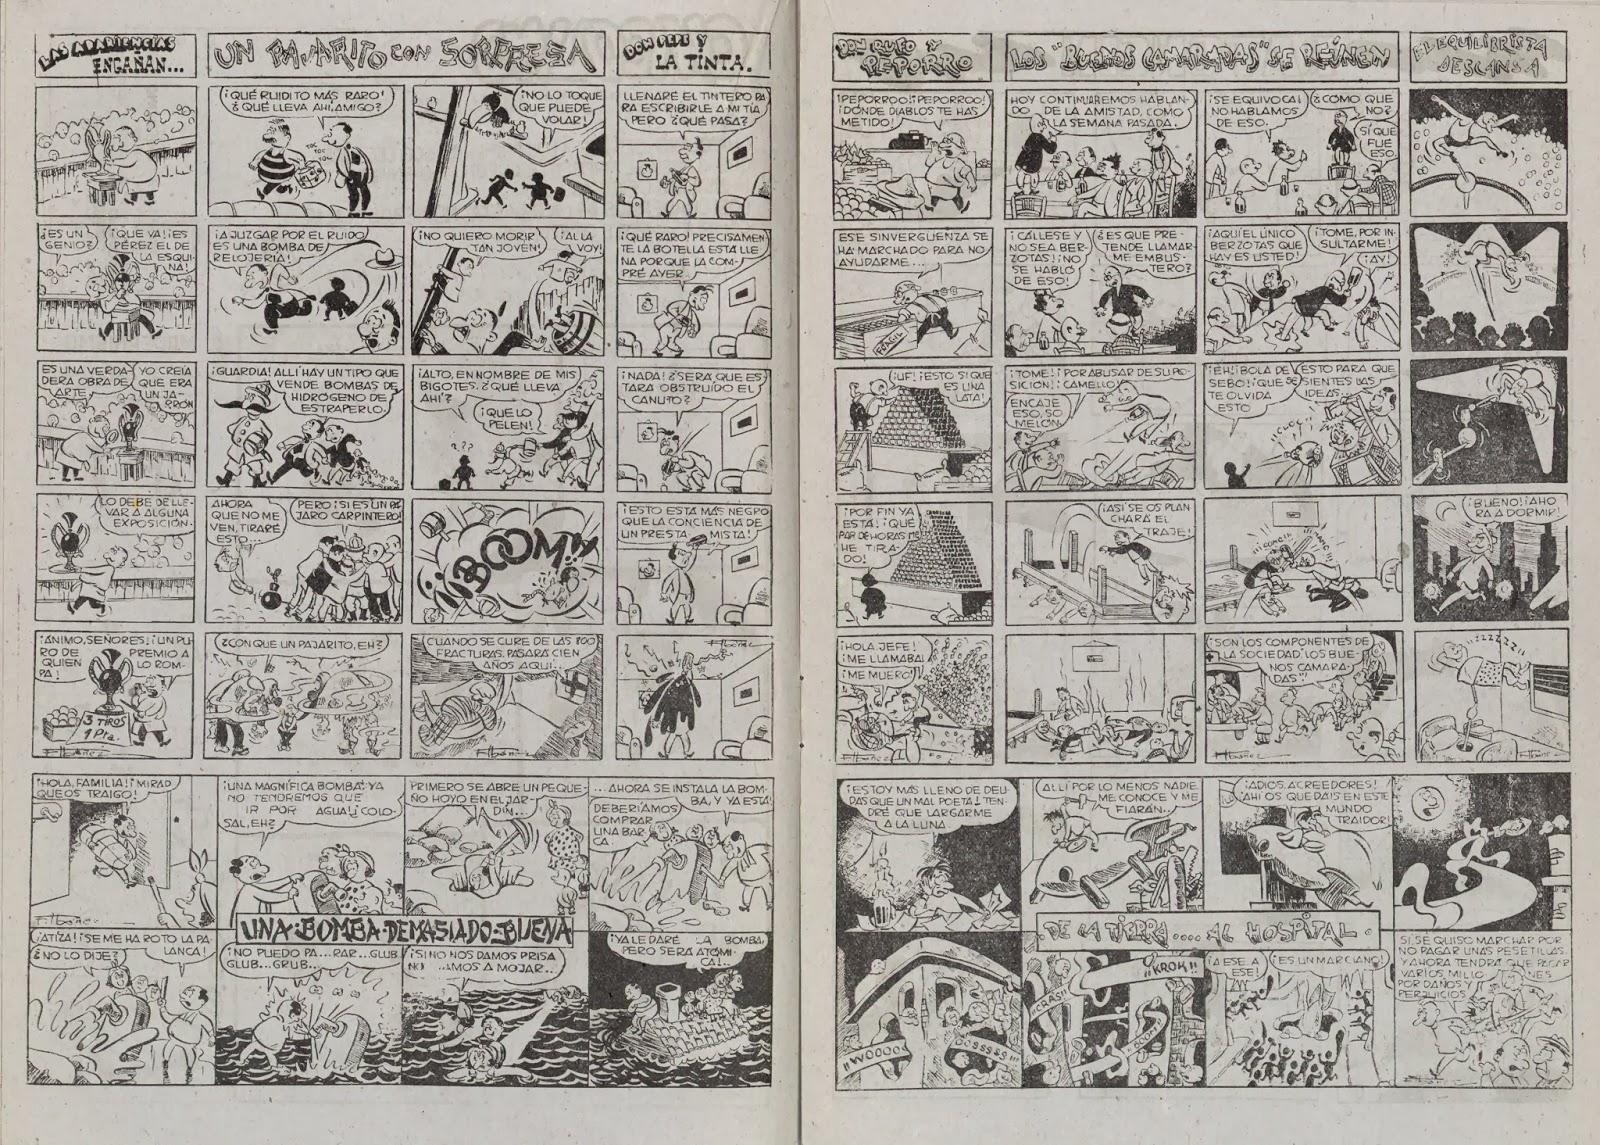 Doble página de Chicolino Almanaque 1953, Símbolo